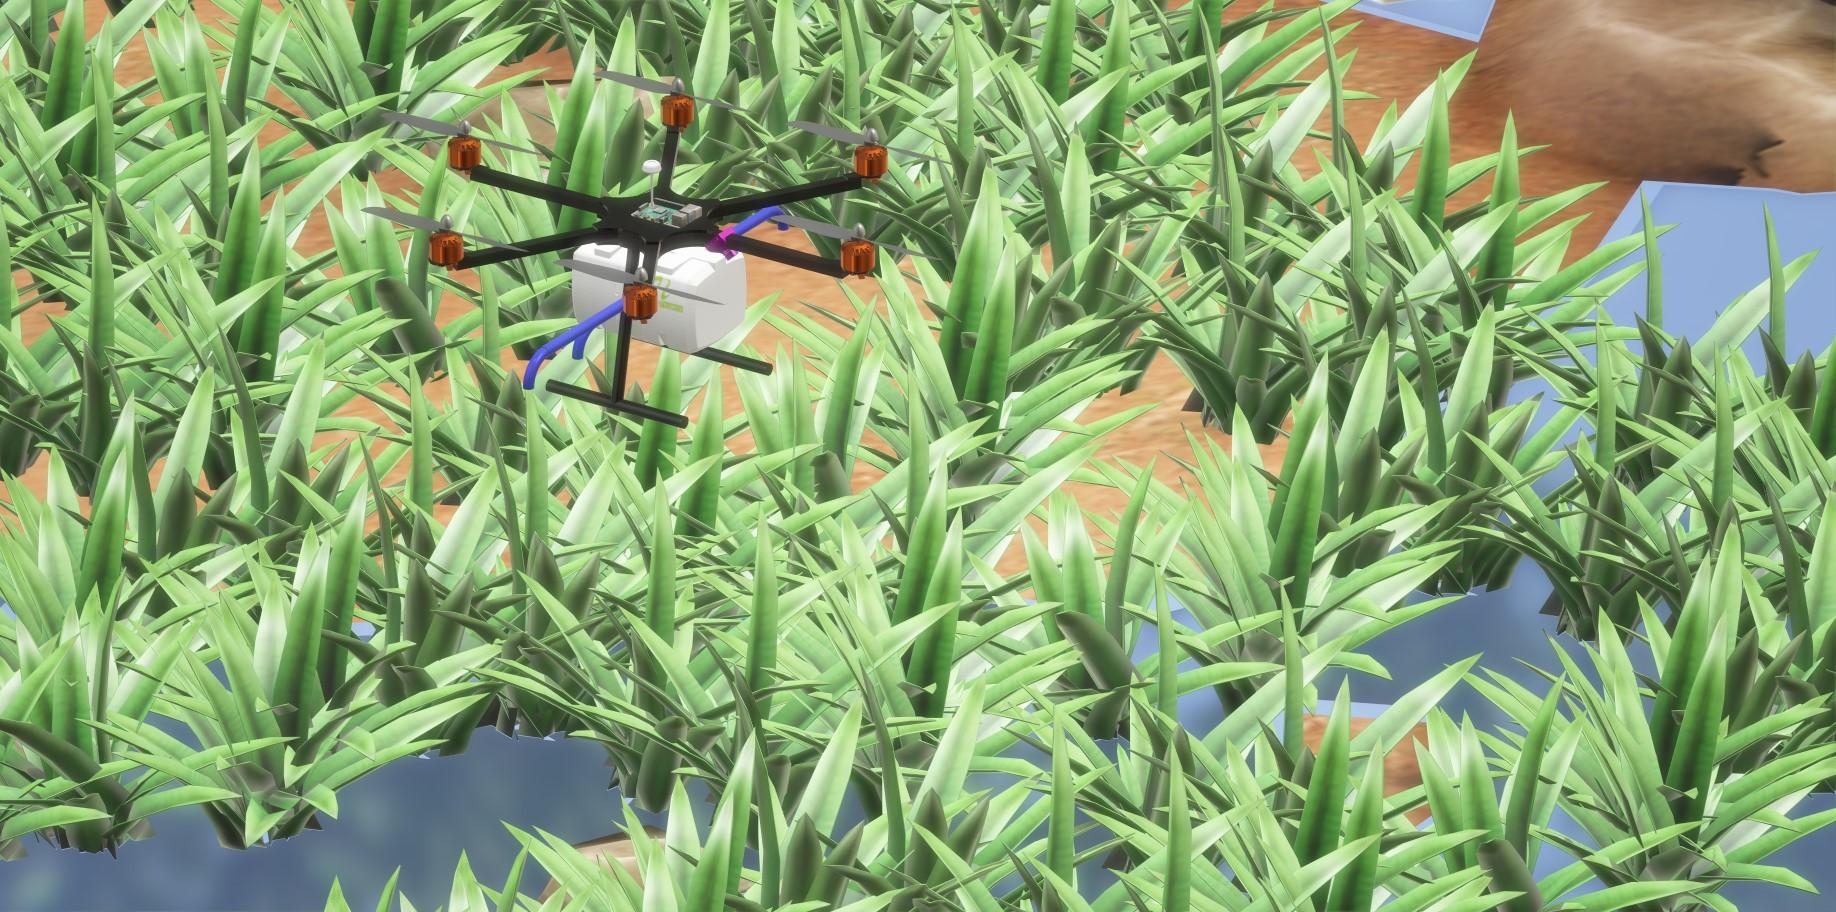 nevon agriculture pesticide sprayer drone